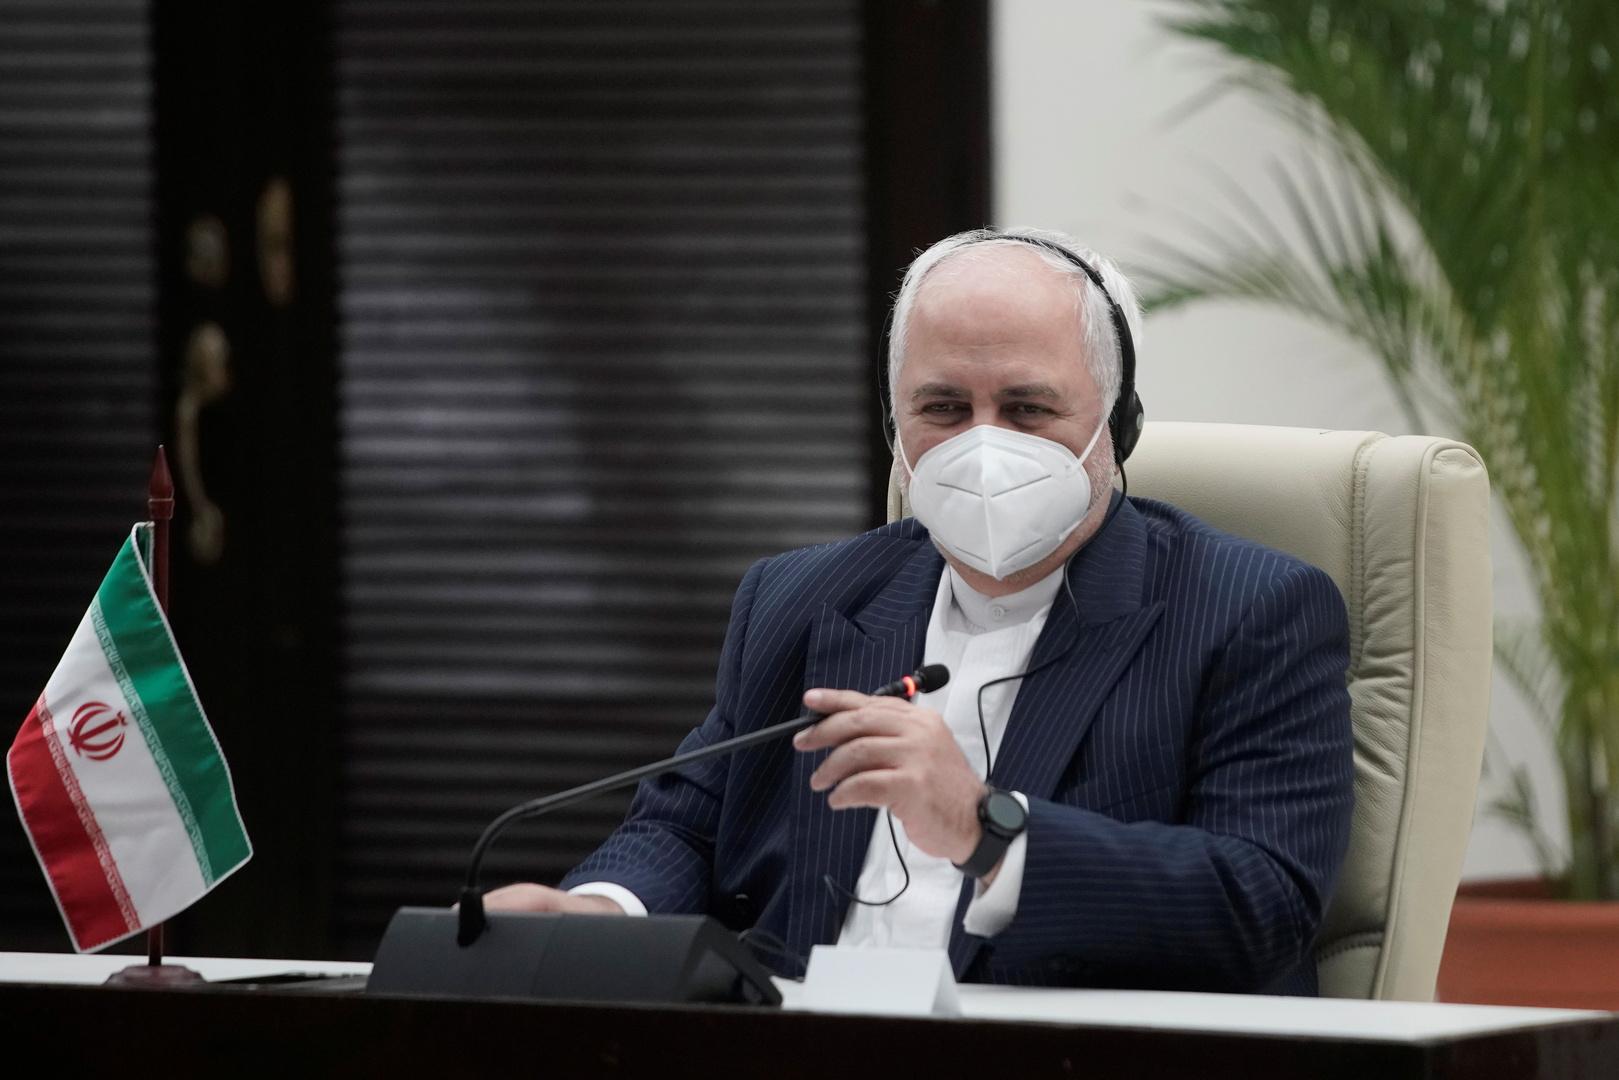 ظريف يحدد موعد زيارته كلا من روسيا وأذربيجان وأرمينيا وجورجيا